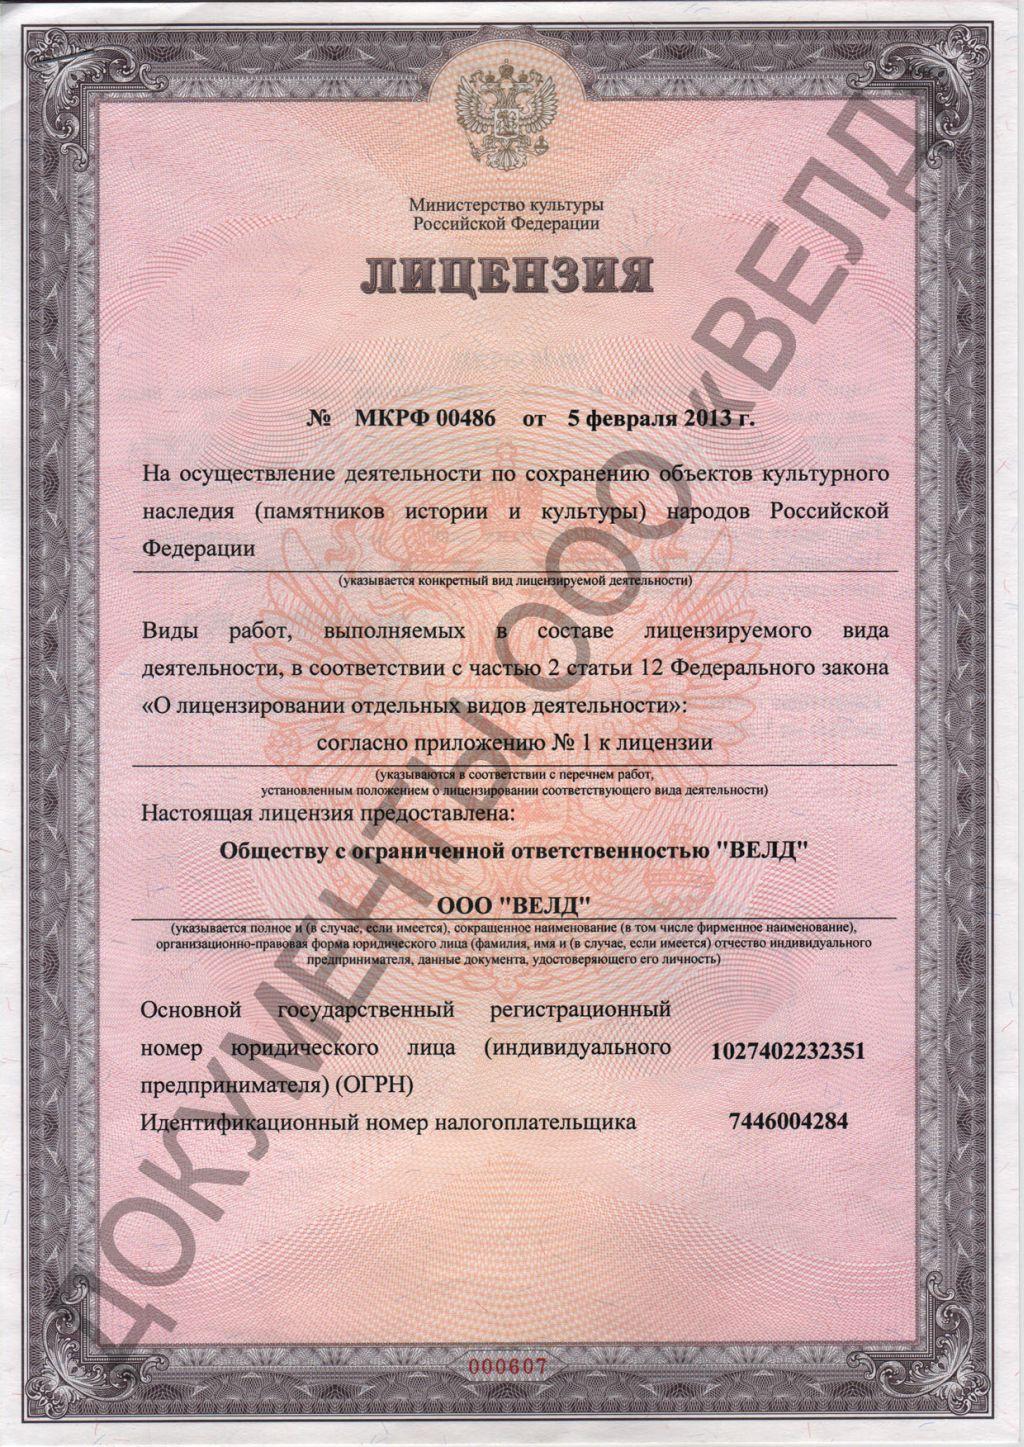 Список организаций имеющих лицензию министерства культуры